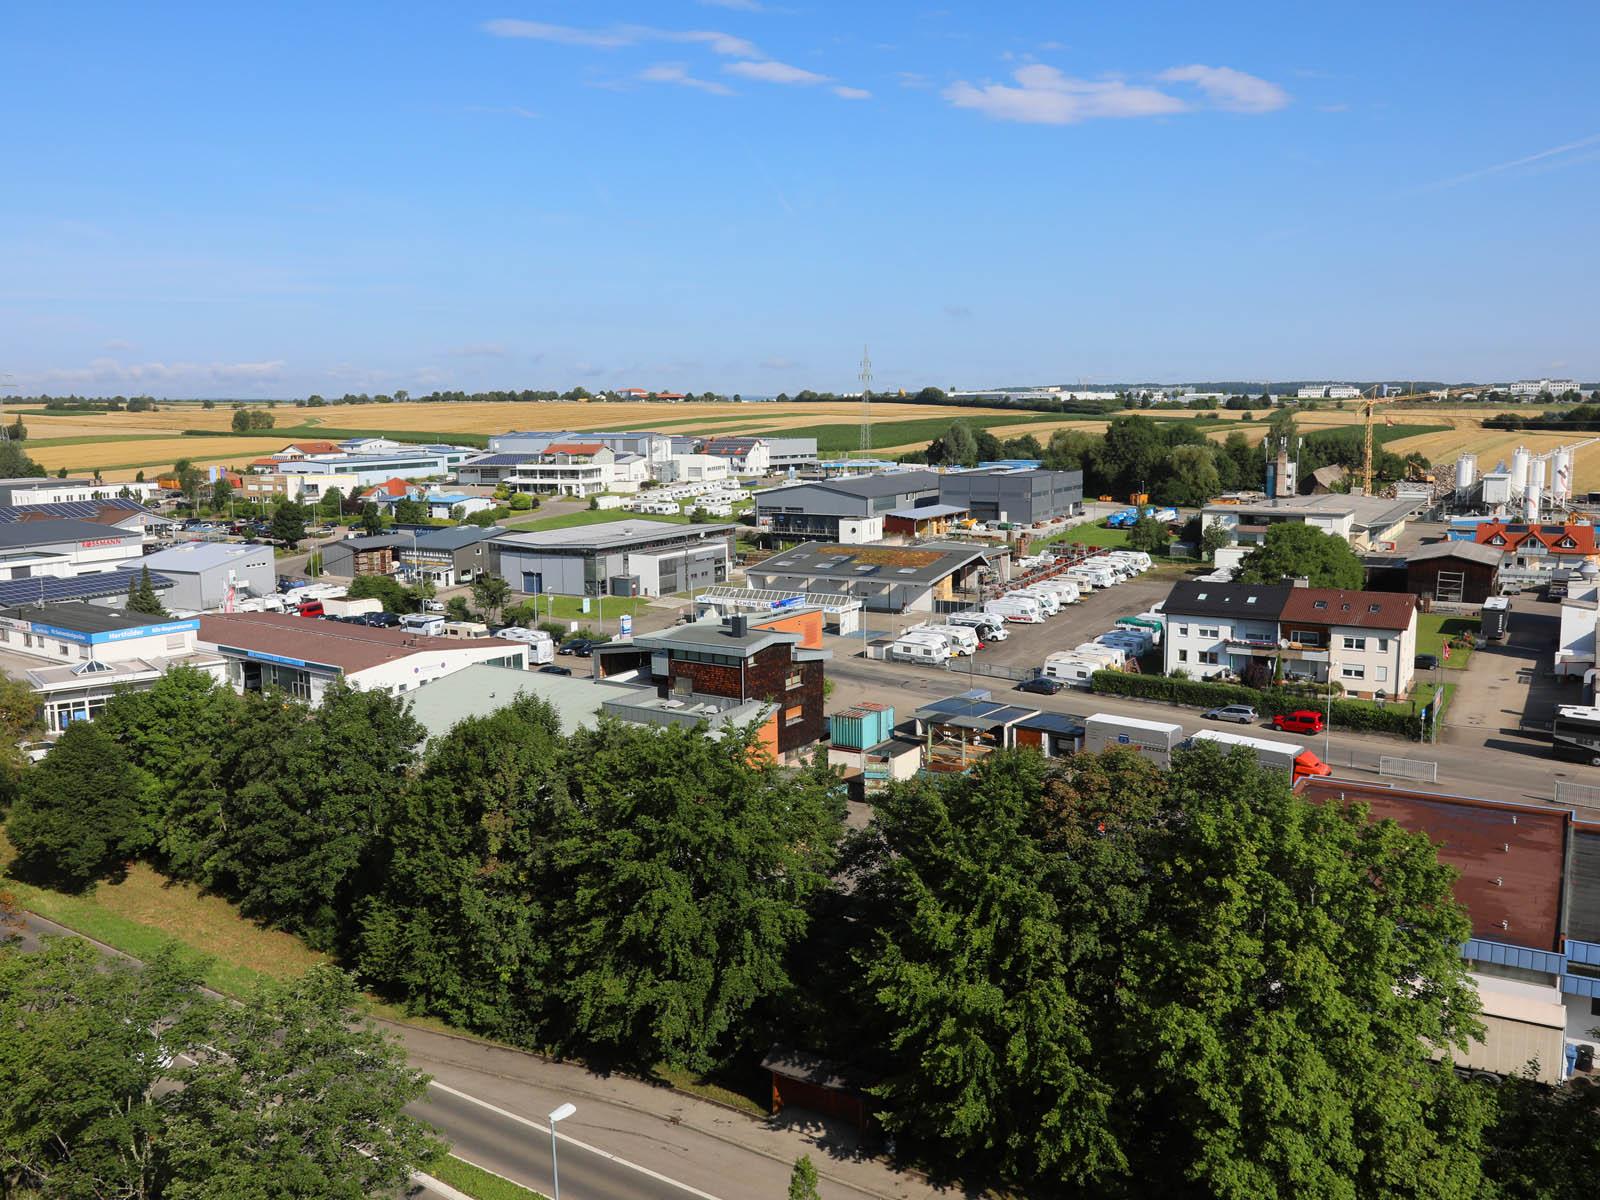 Blick von oben auf das Gewerbegebiet lLchental